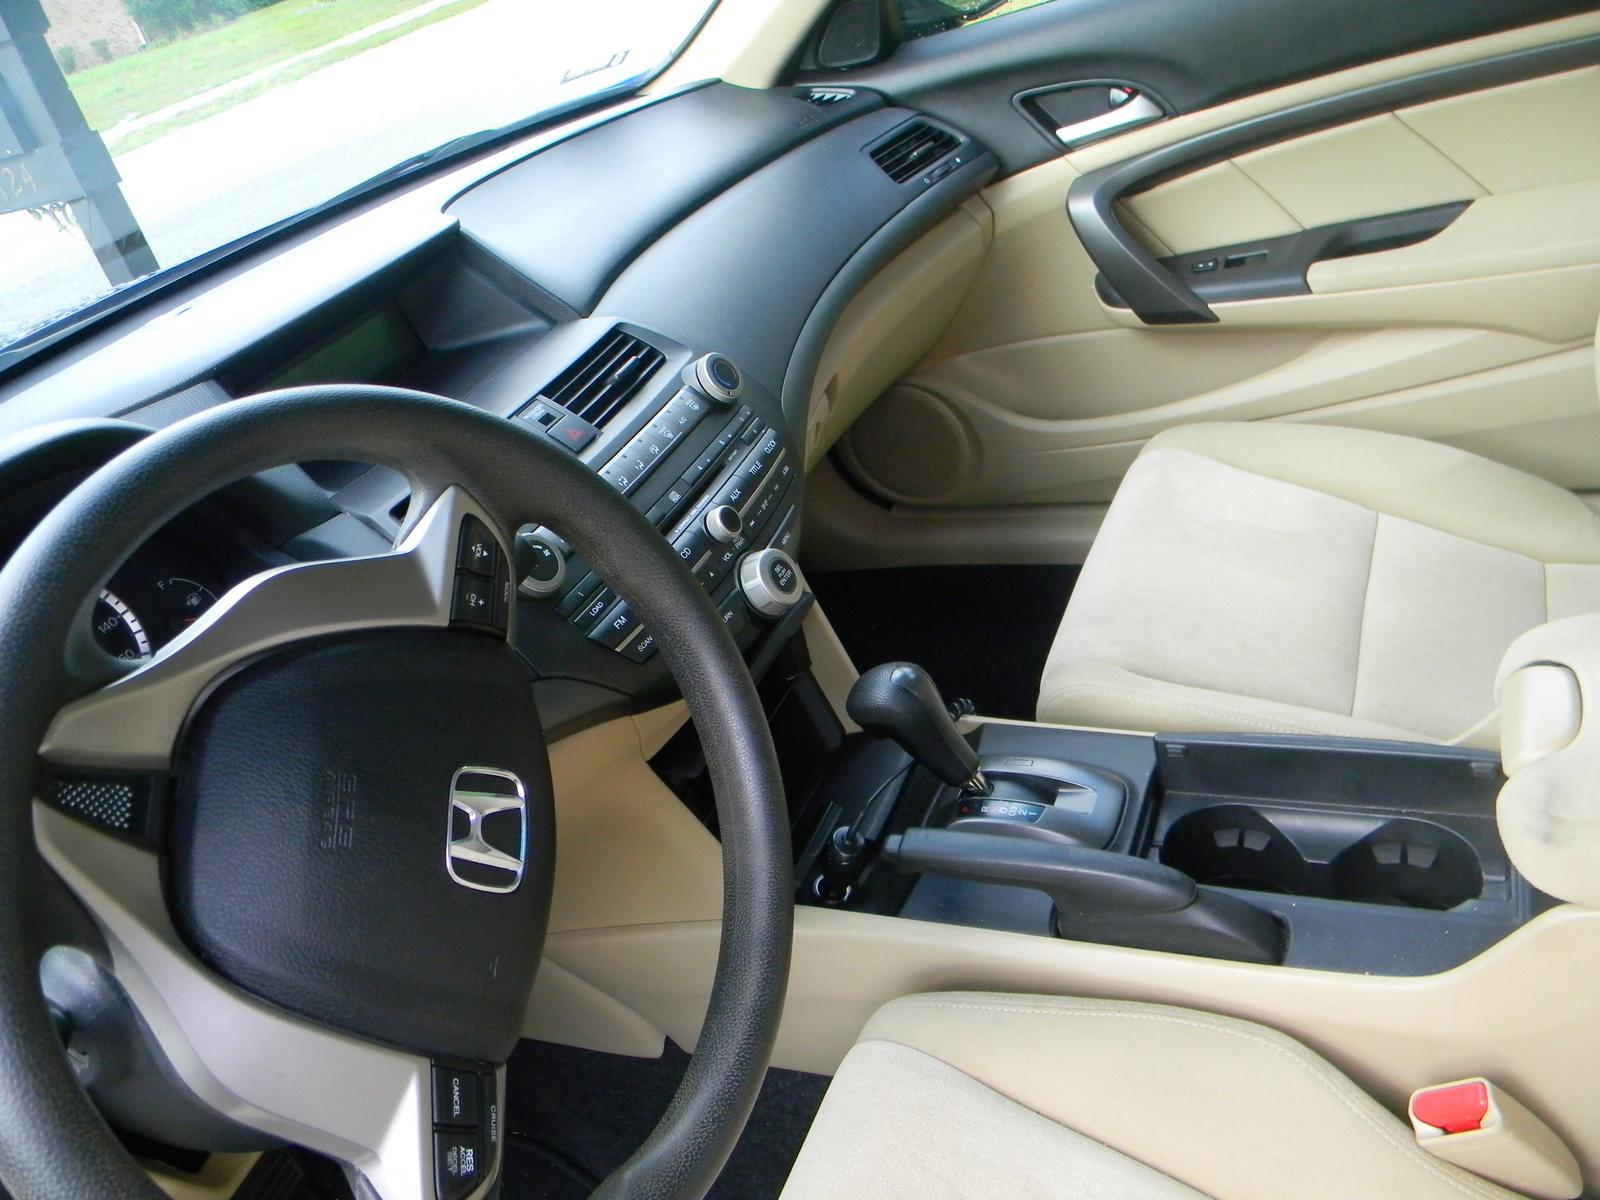 2010 honda accord coupe interior pictures cargurus - 2010 honda accord coupe interior ...